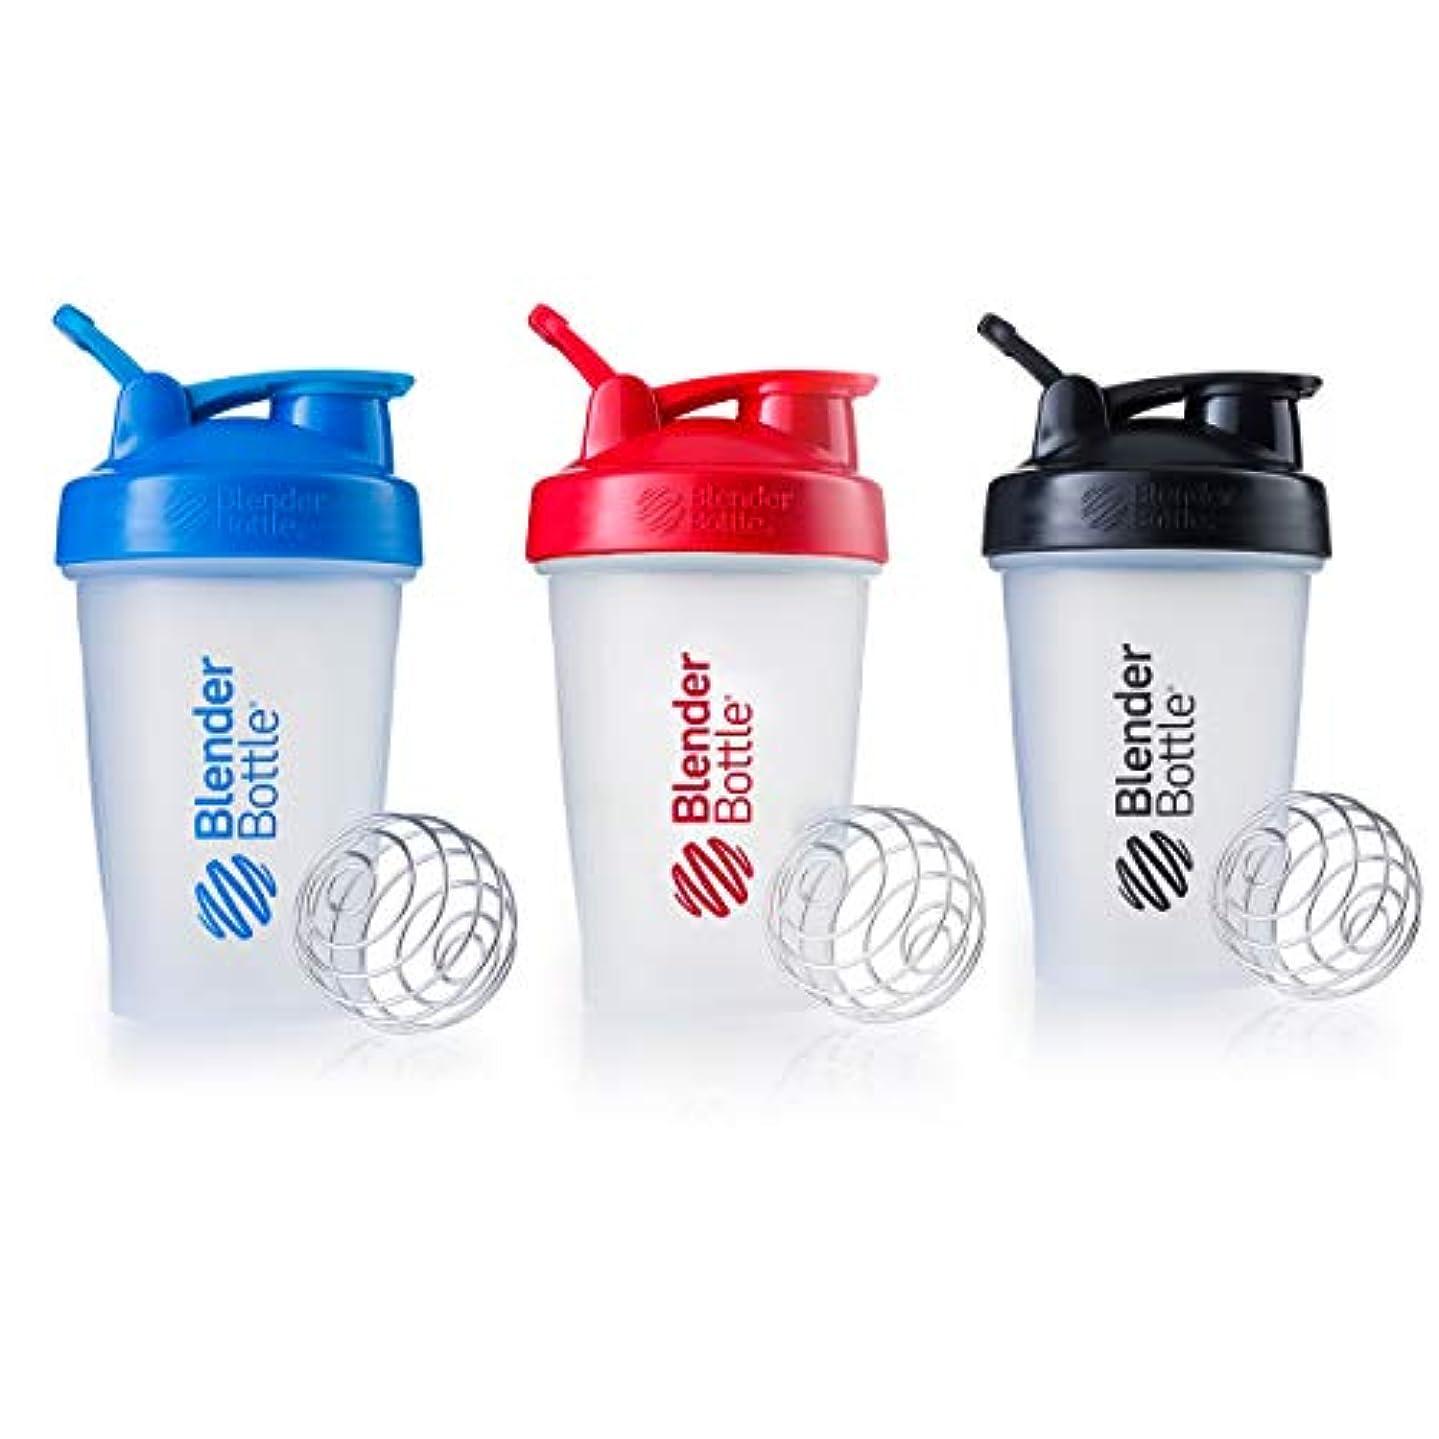 言うまでもなく入手しますゼロBlender Bottle with Shaker Ball 20 Oz, (Blue, Red, Black) by Blender Bottle